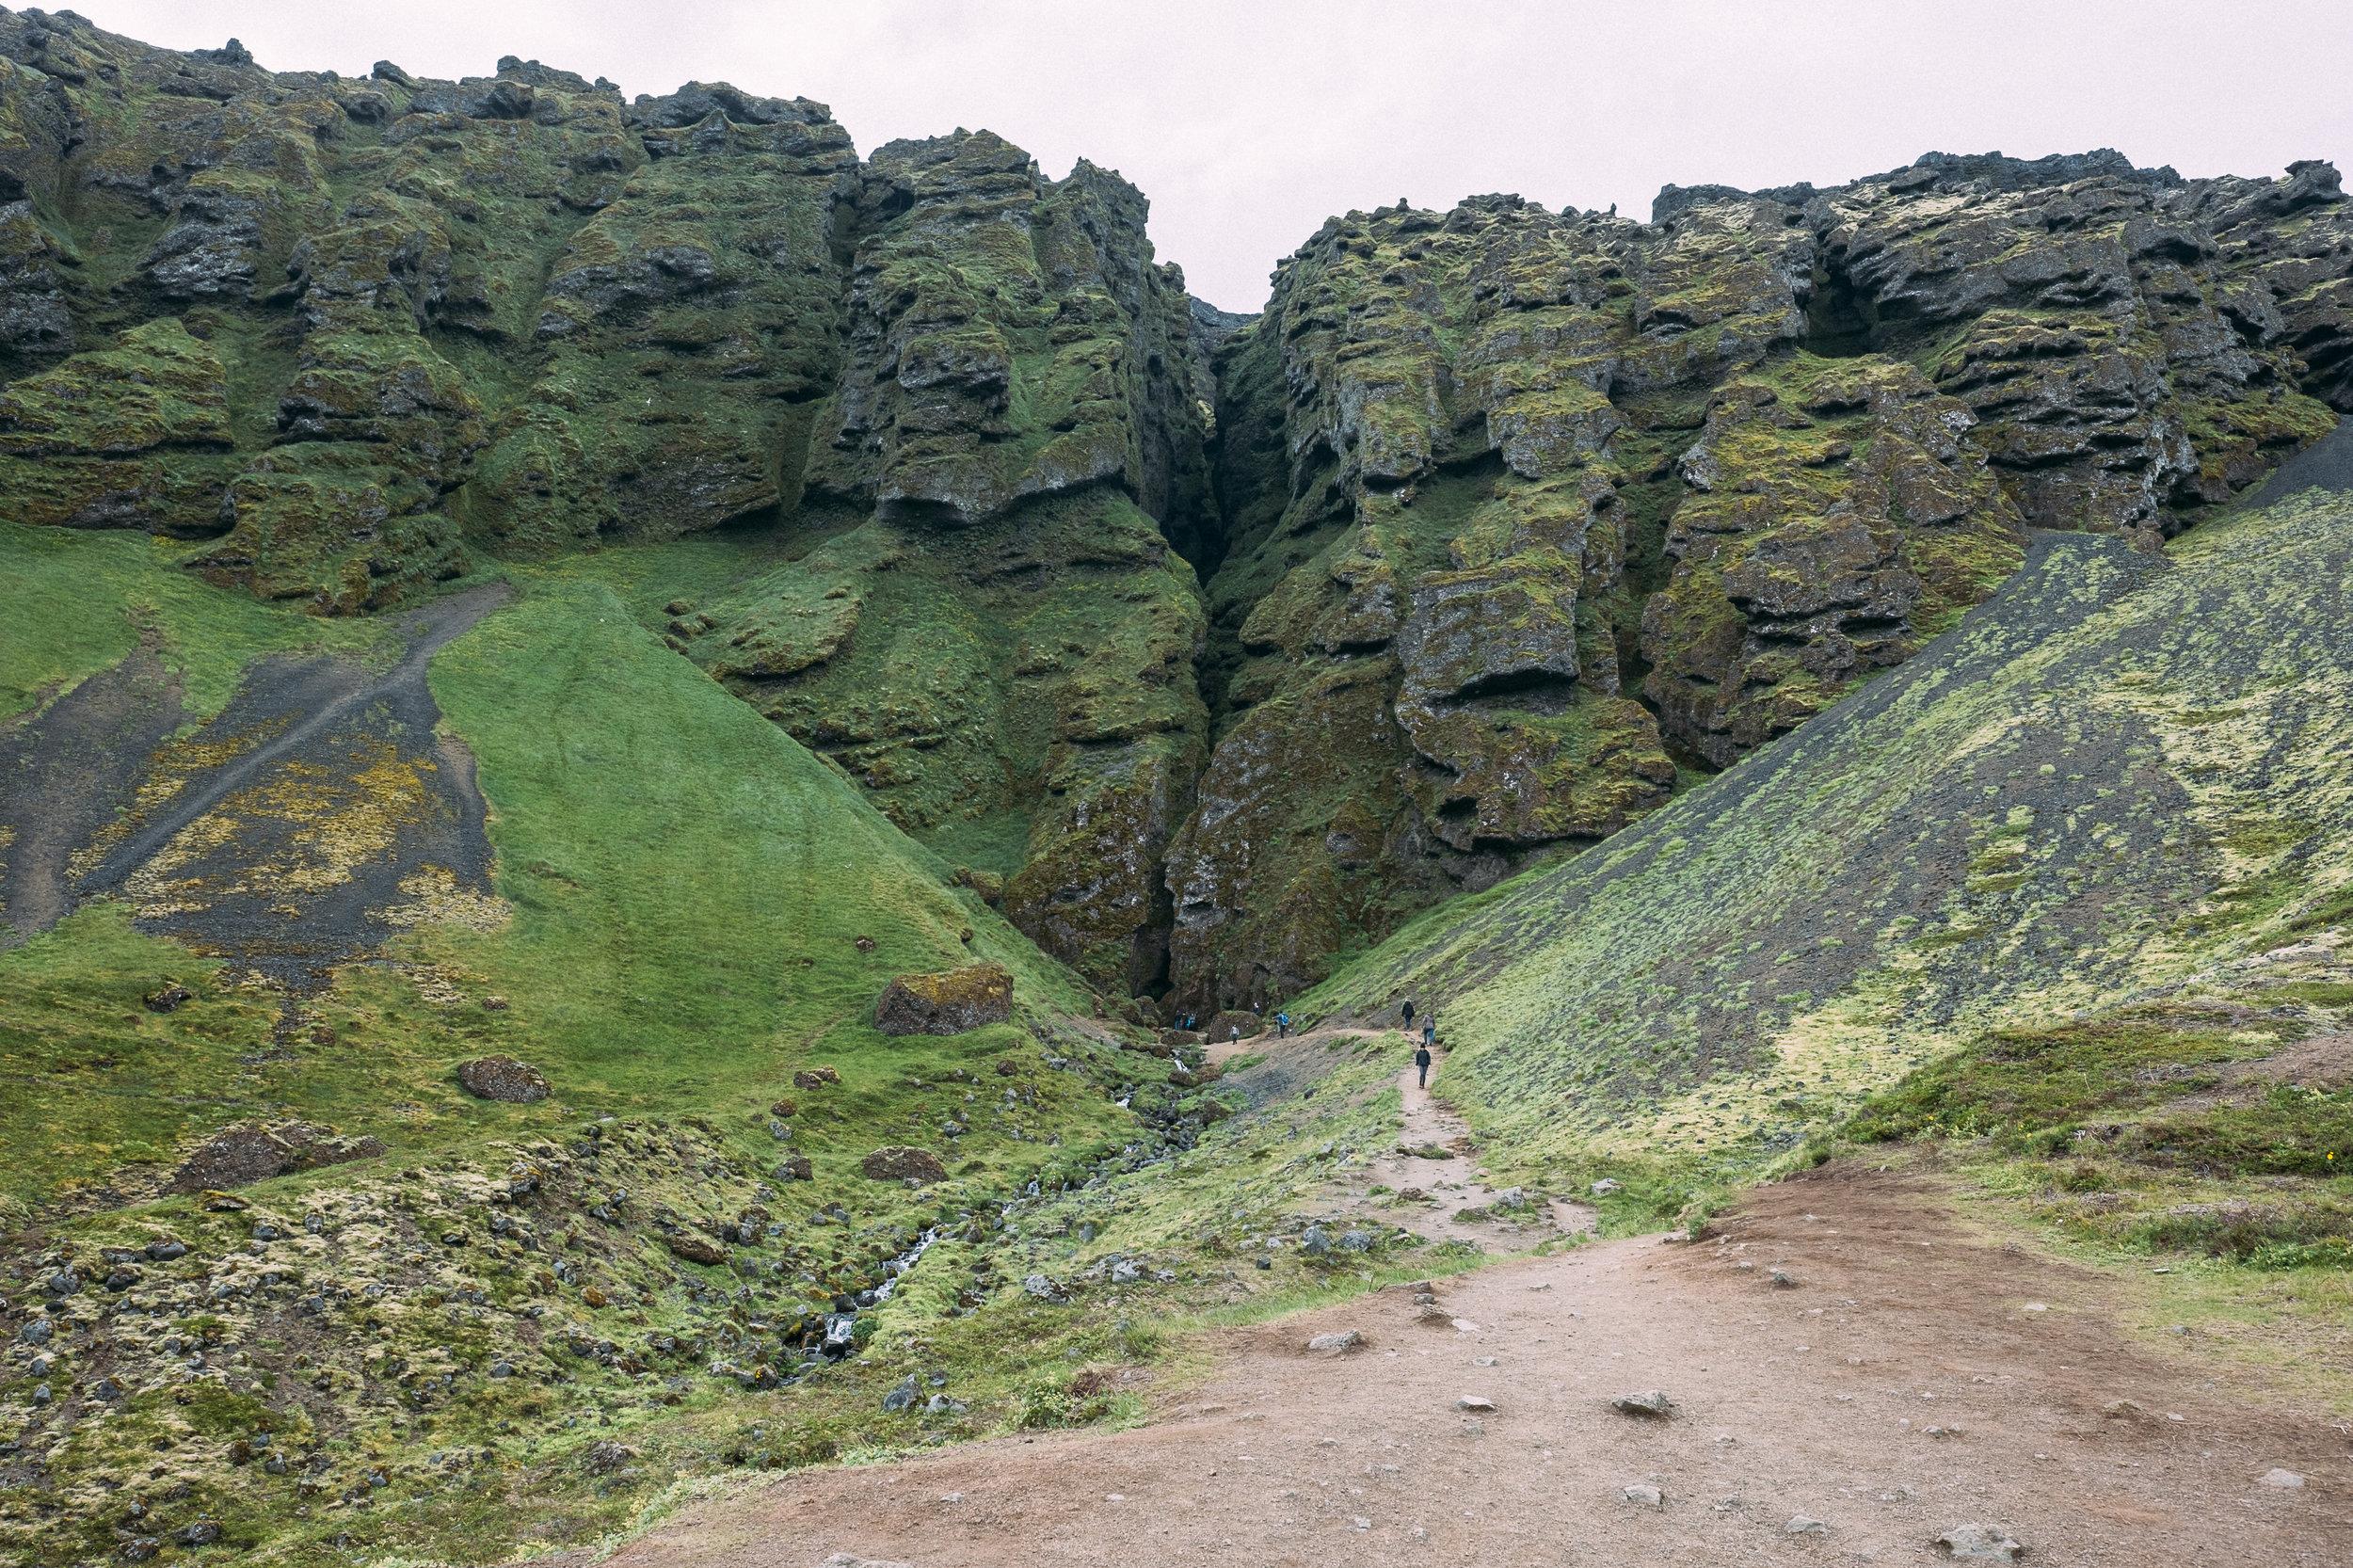 Rauðfeldsgjá  [64.8642297,-23.773305]  Fuji X-H1 + 16mm 1.4 lens